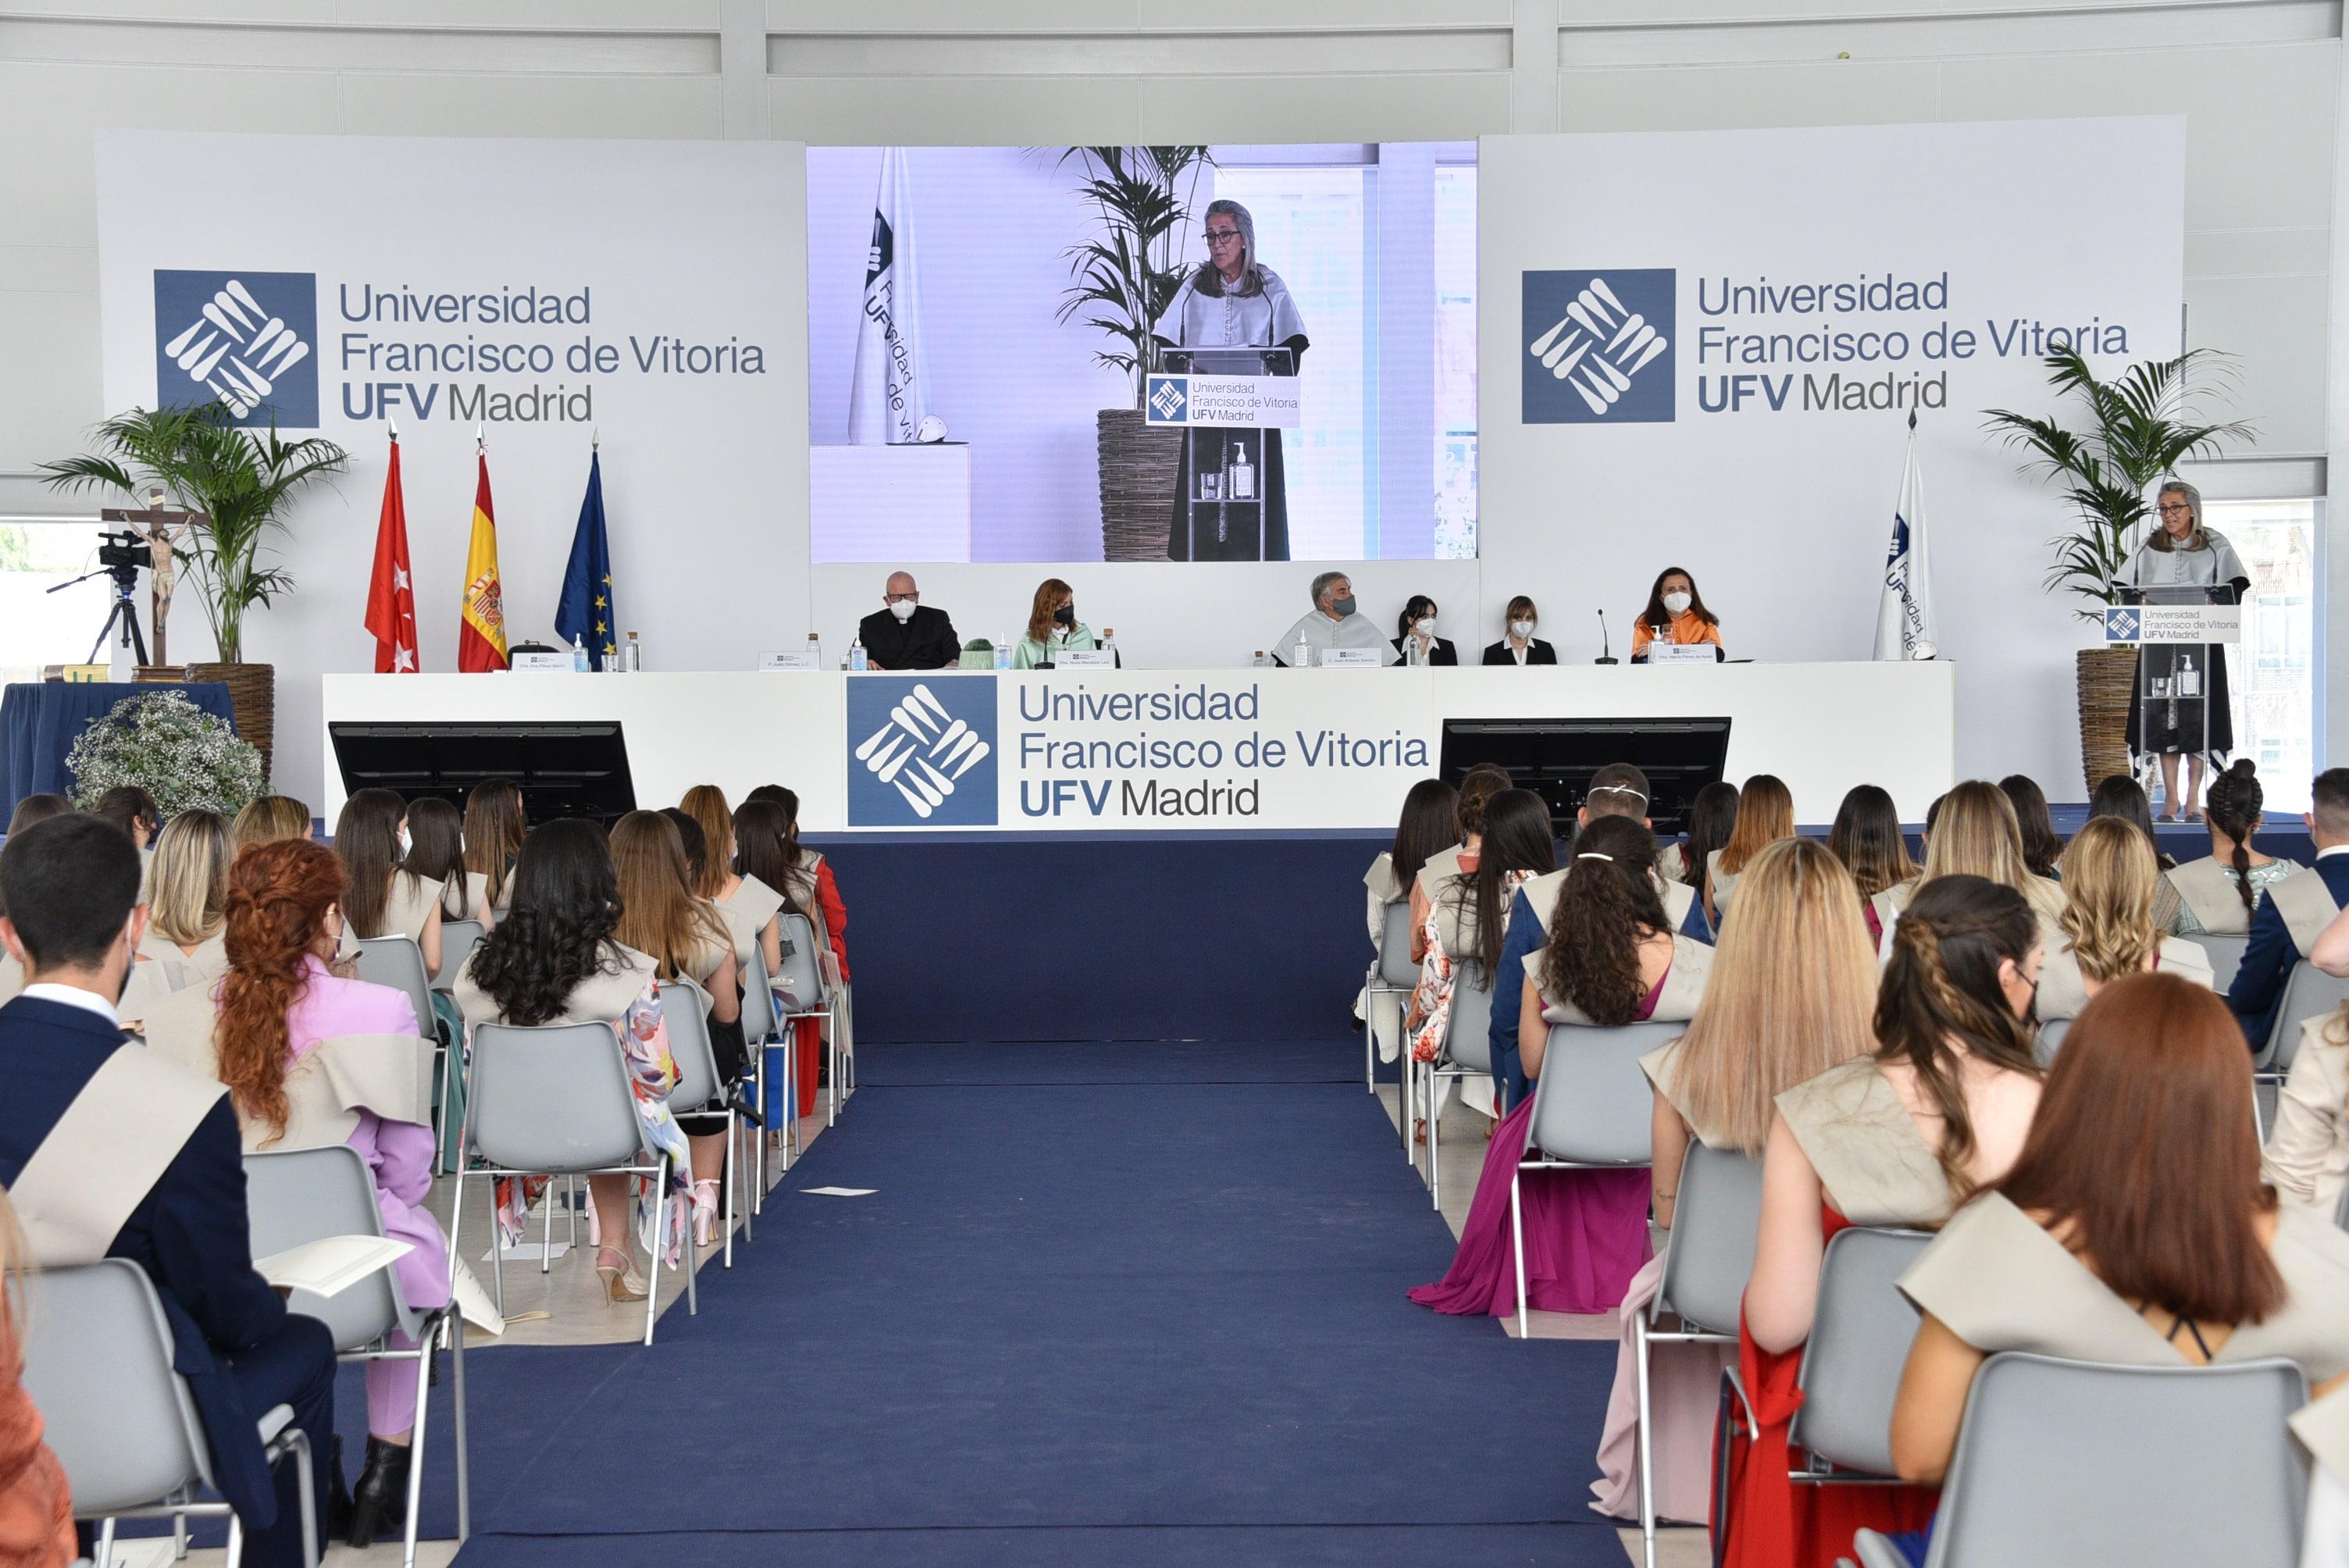 210627UFV 1384 min Actos académicos Estudiar en Universidad Privada Madrid